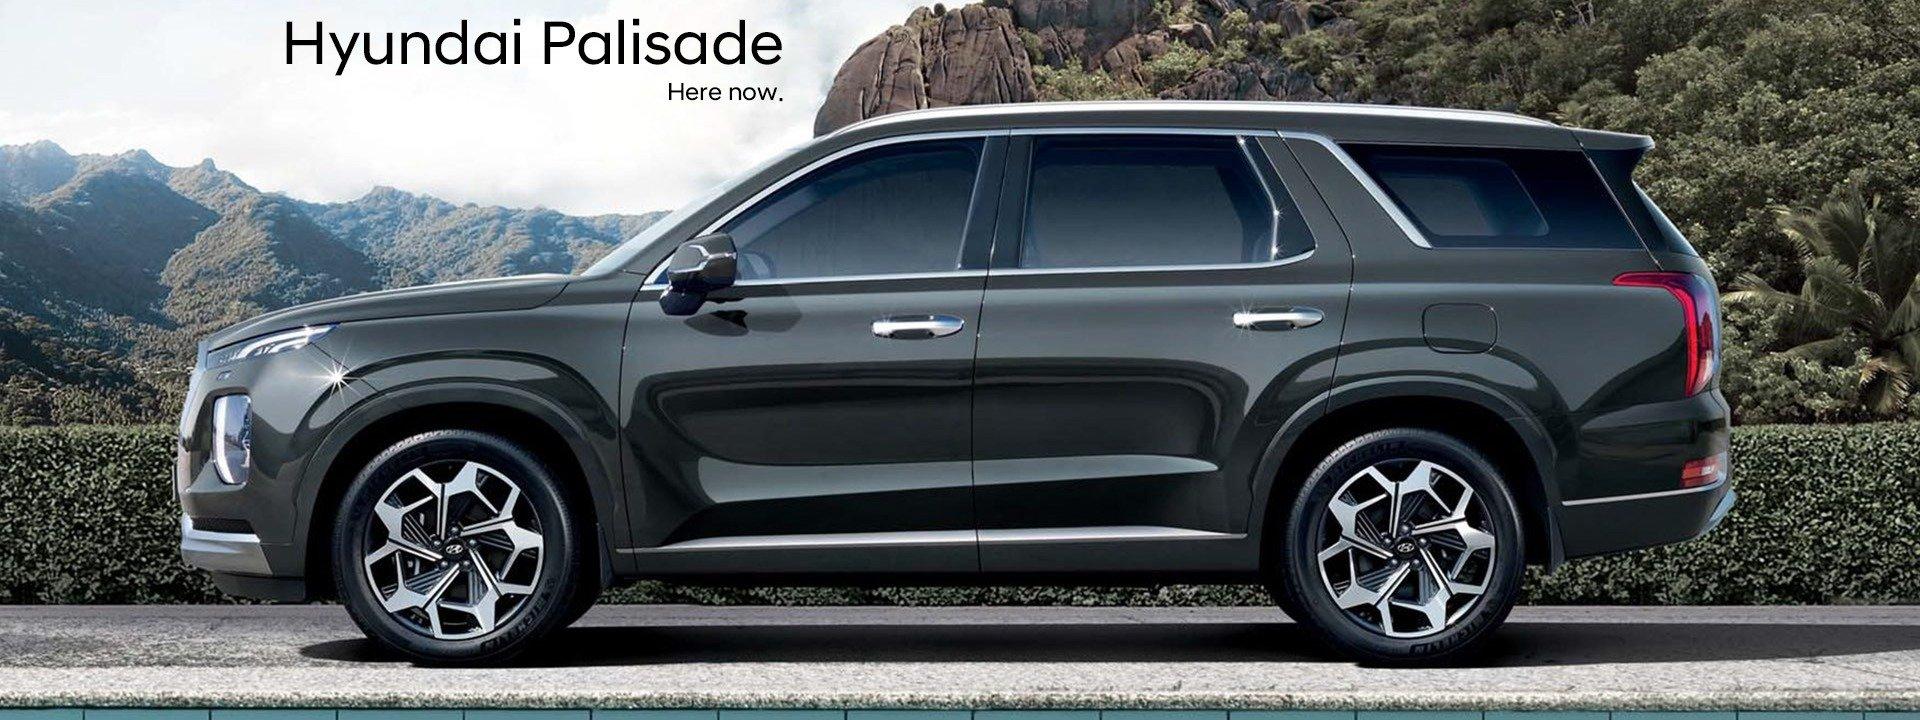 Hyundai-Palisade-Mandurah-Hyundai